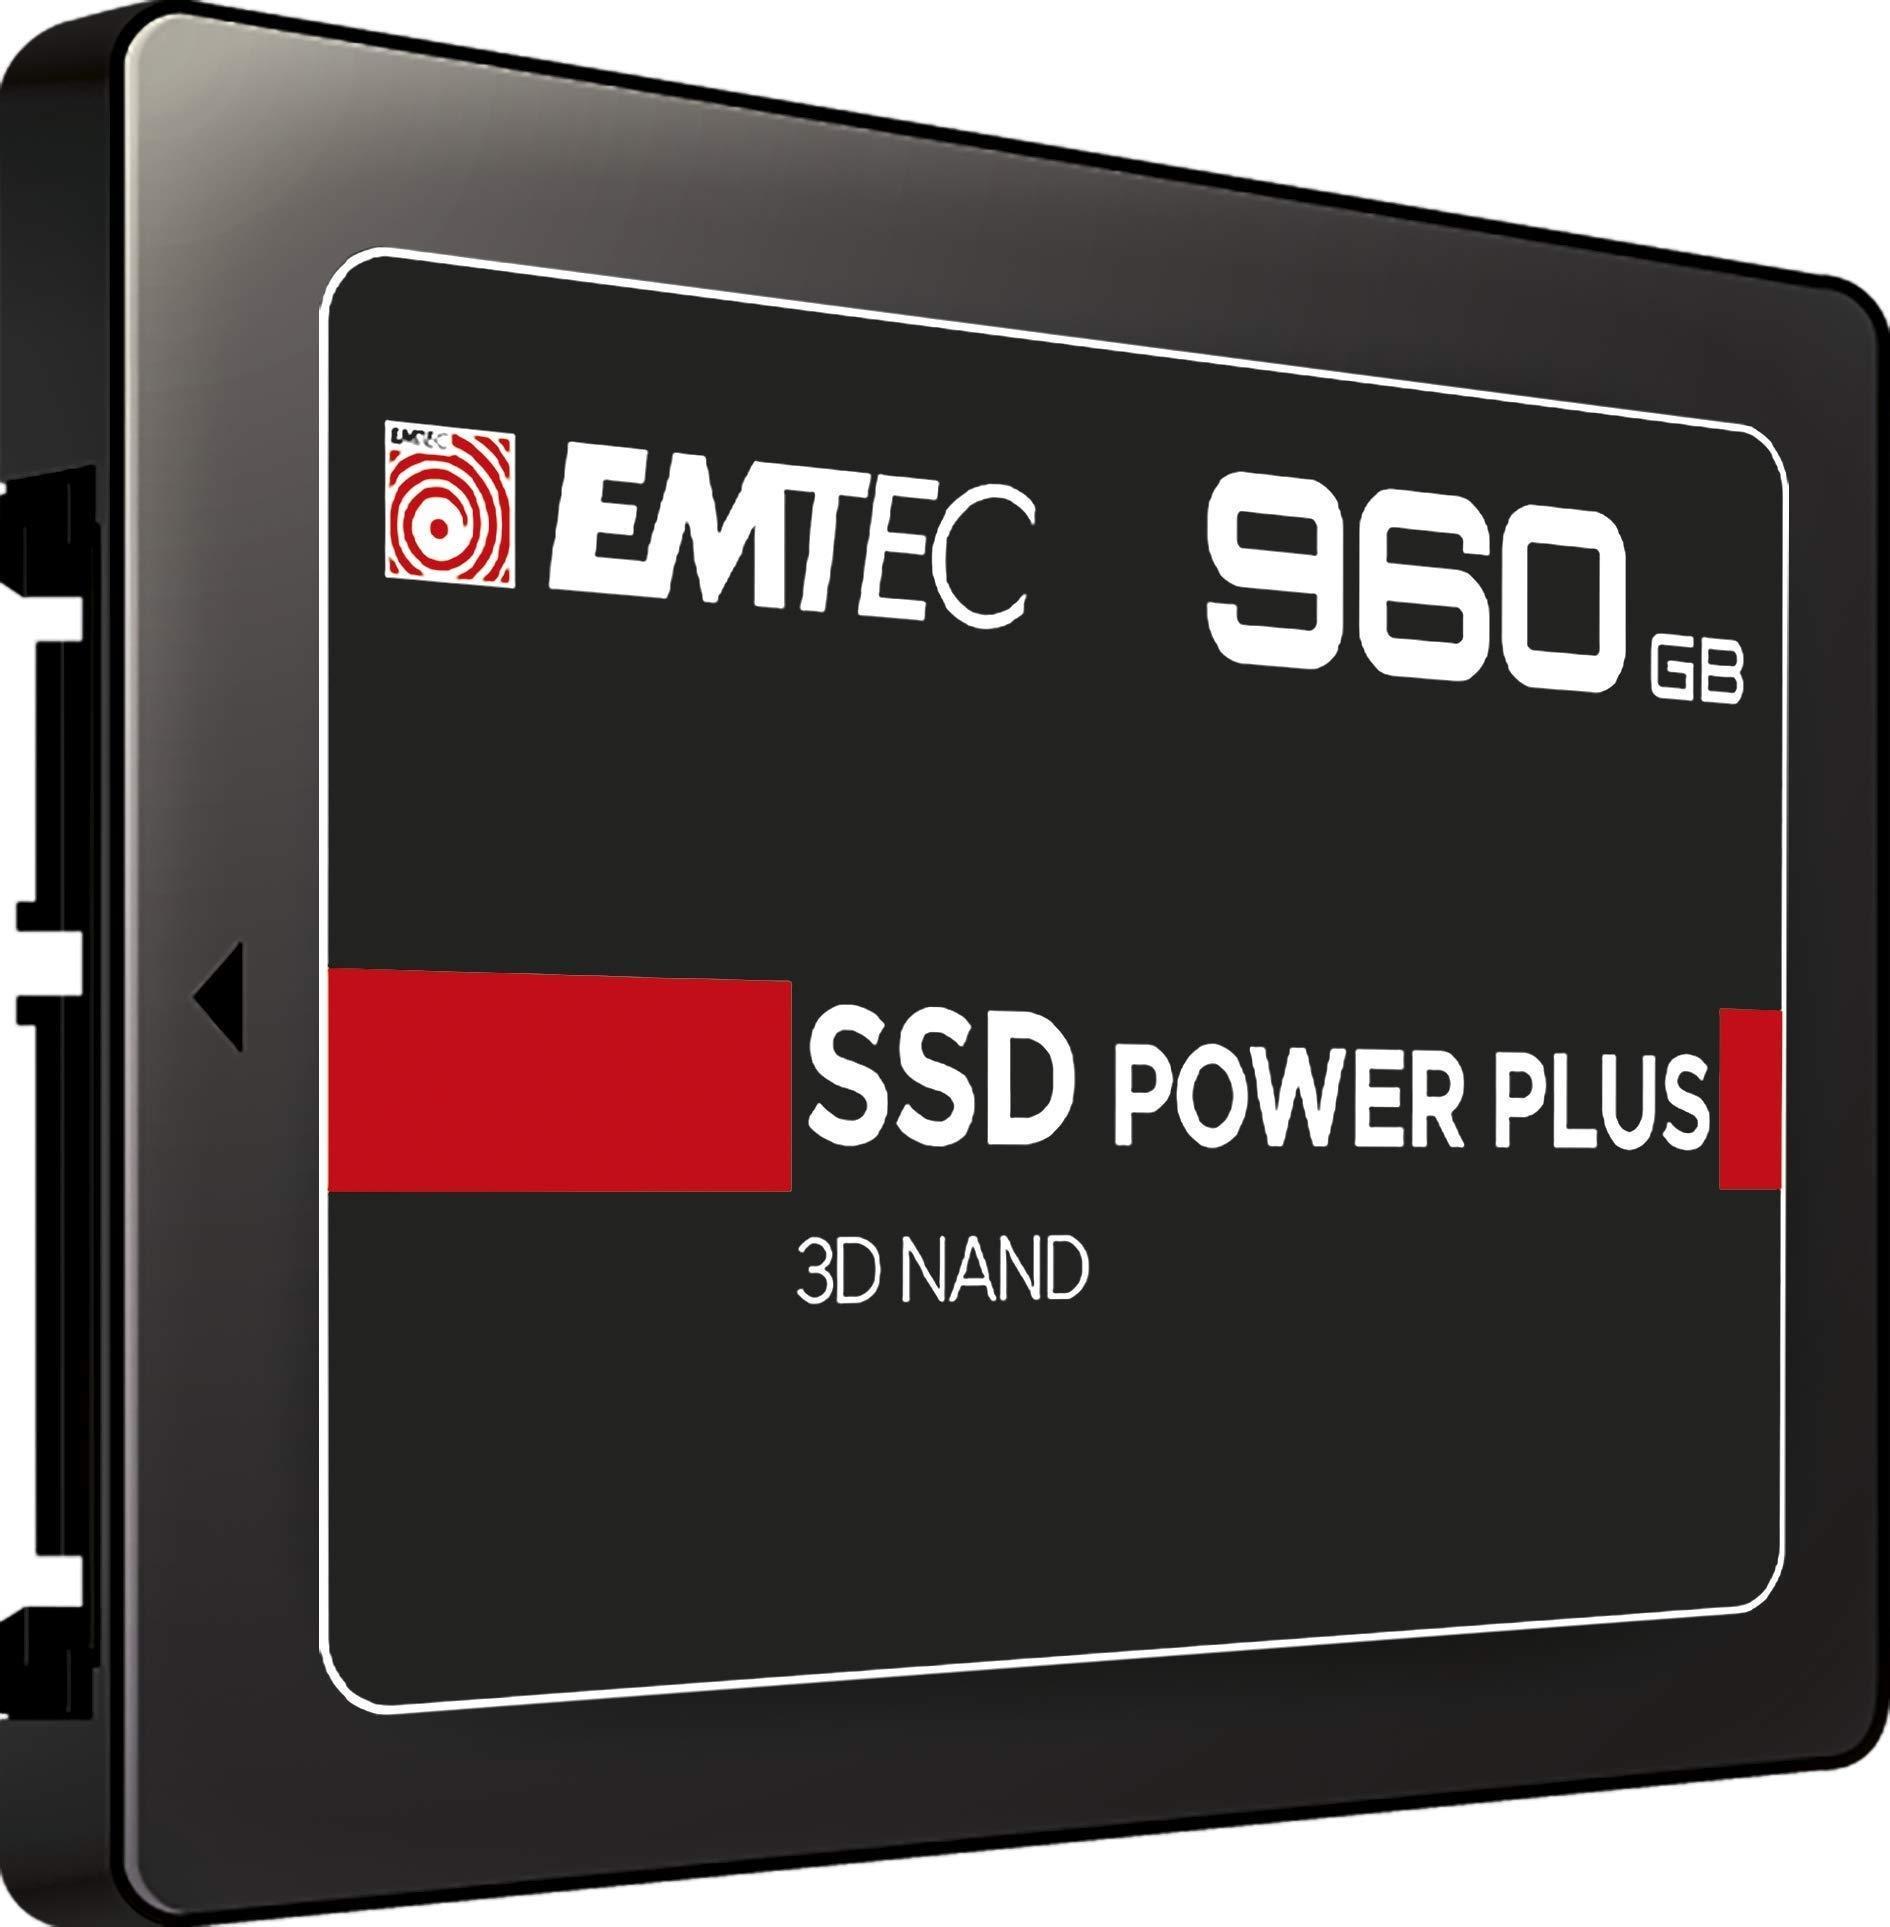 Внутренний SSD накопитель EMTEC 960Gb (ECSSD960GX150)